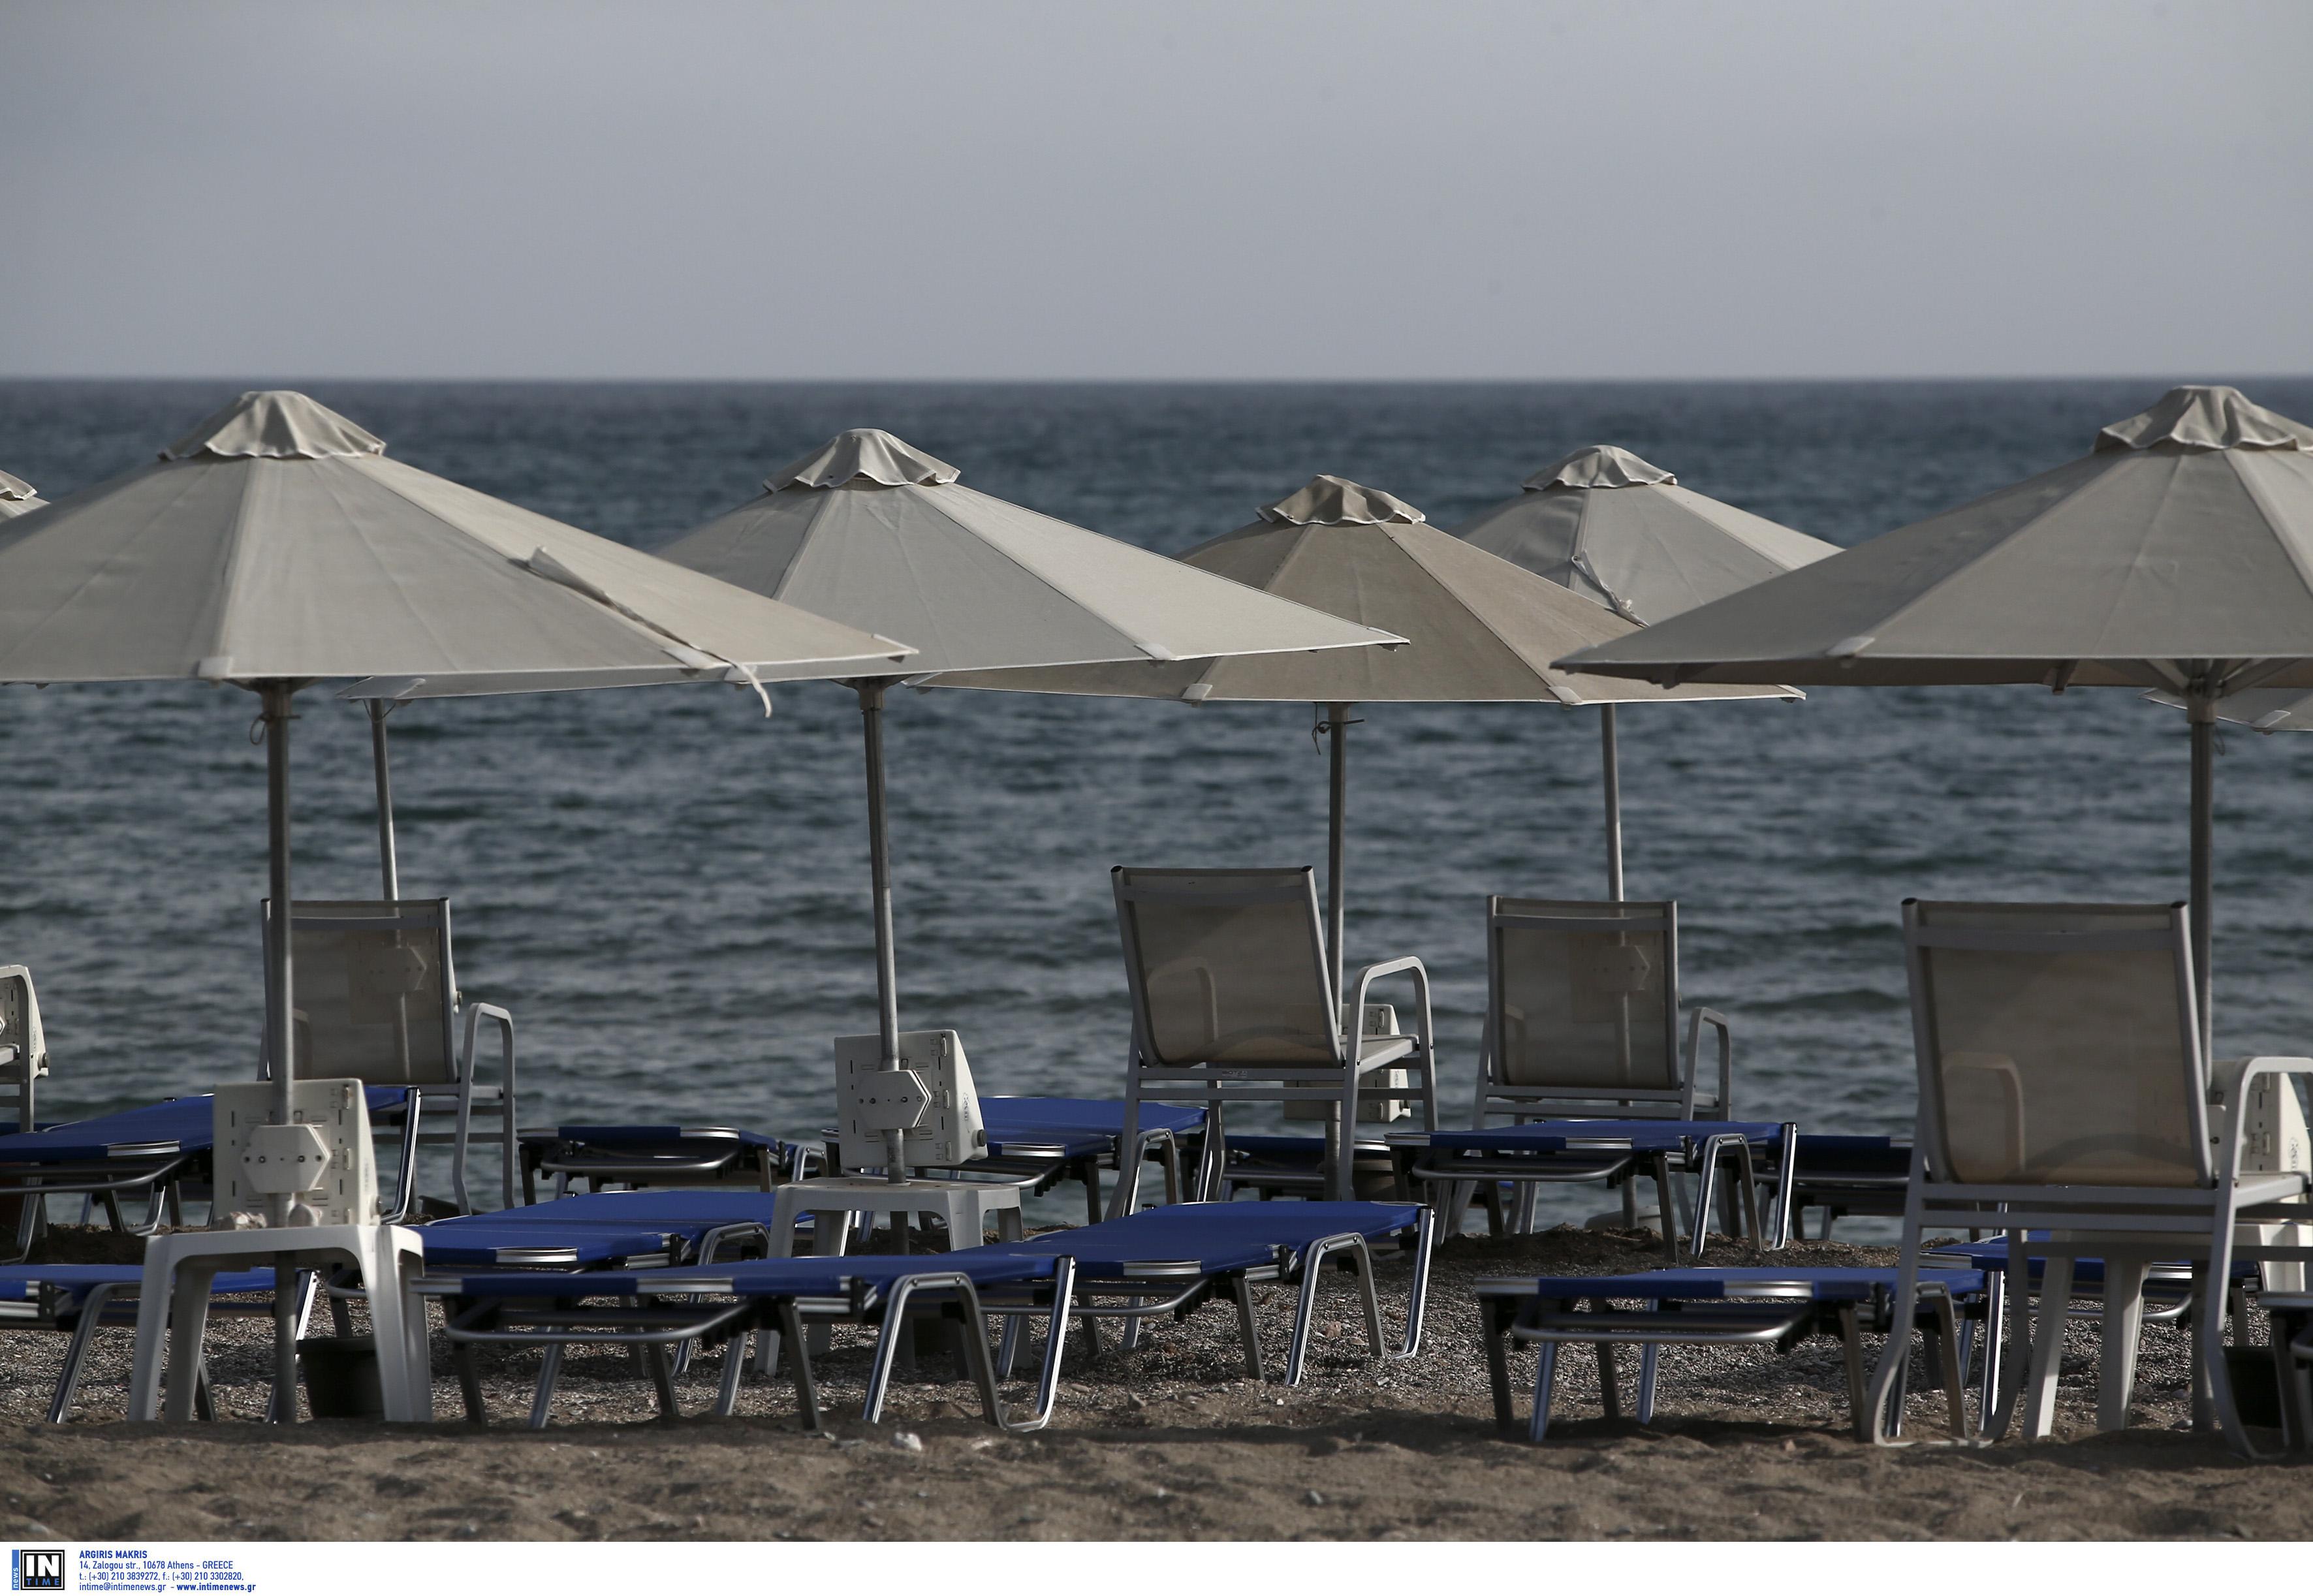 Νίκος Σύψας: Διαφορετικό το φετινό καλοκαίρι για τουρισμό και εστίαση